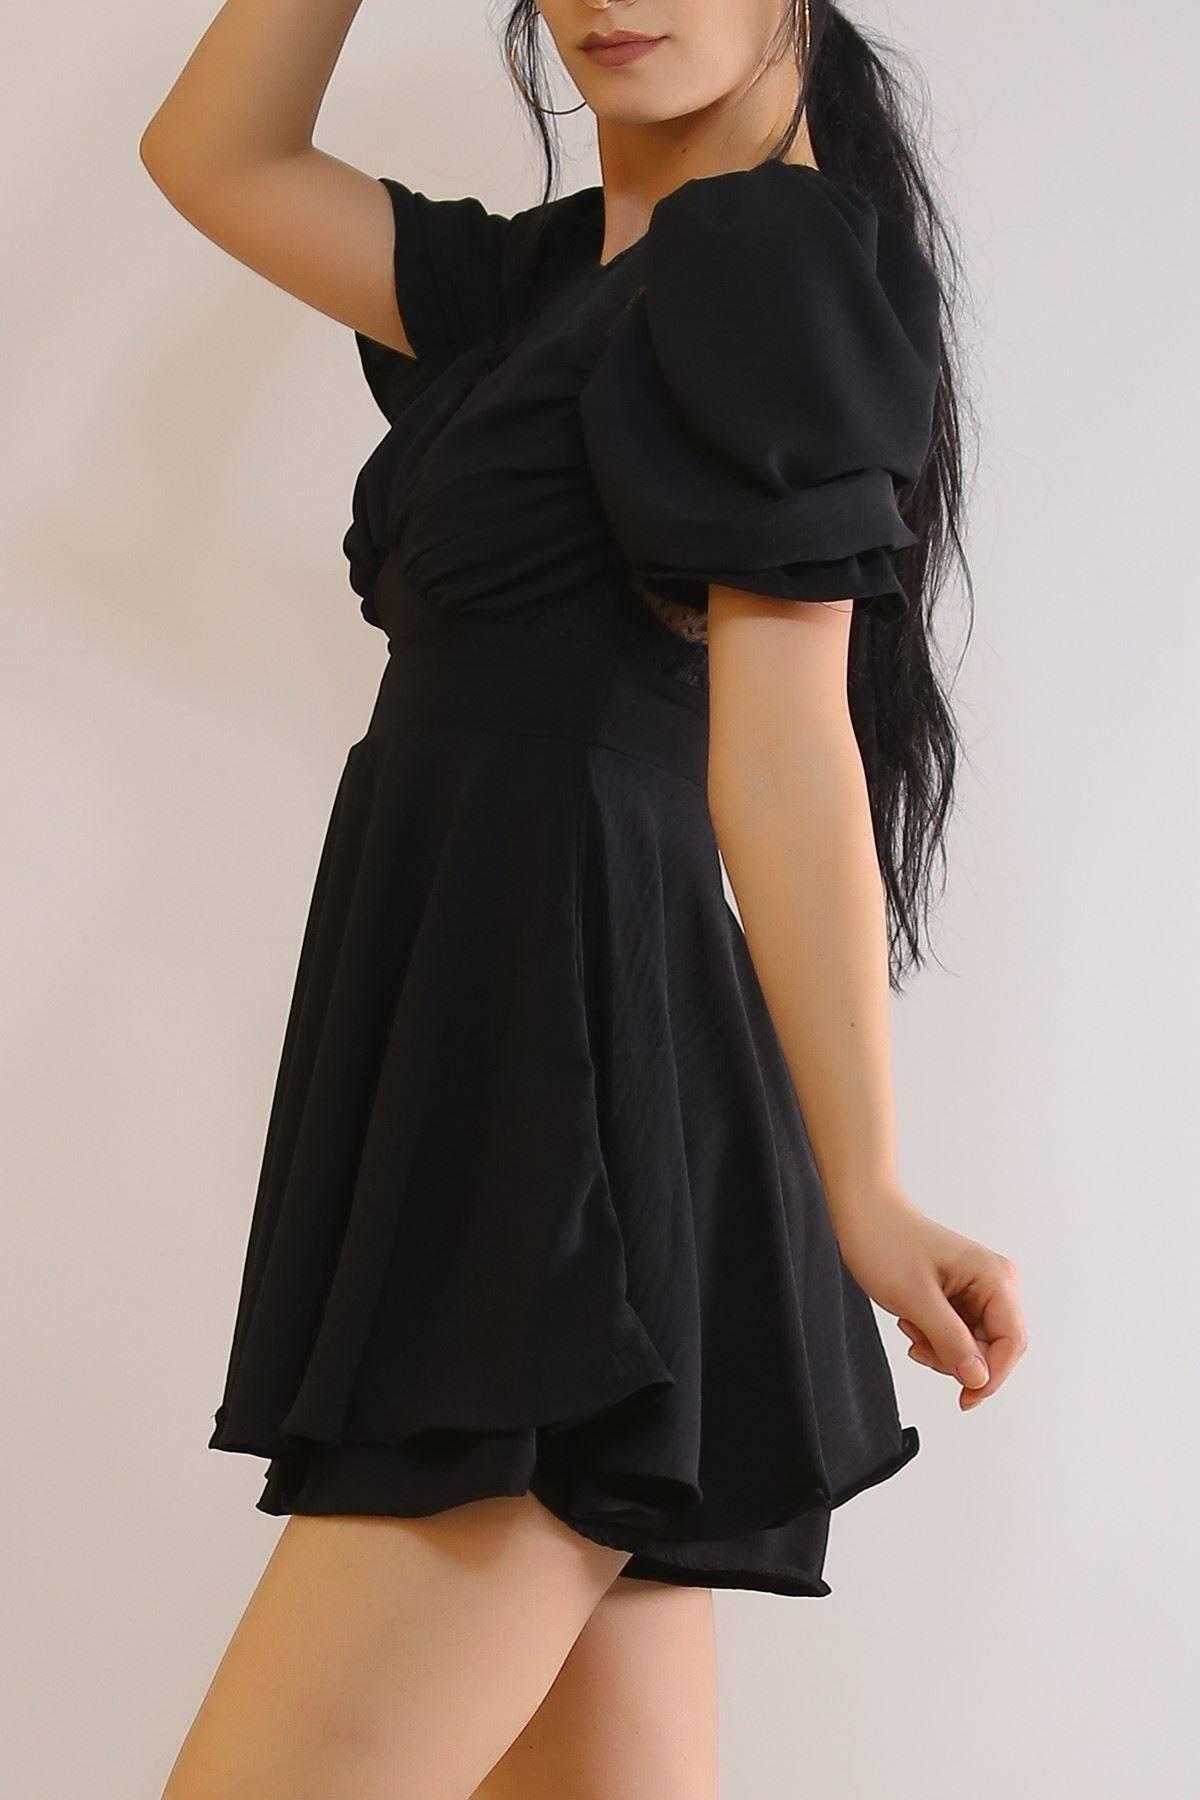 Tül Detaylı Elbise Siyah - 21204.101.